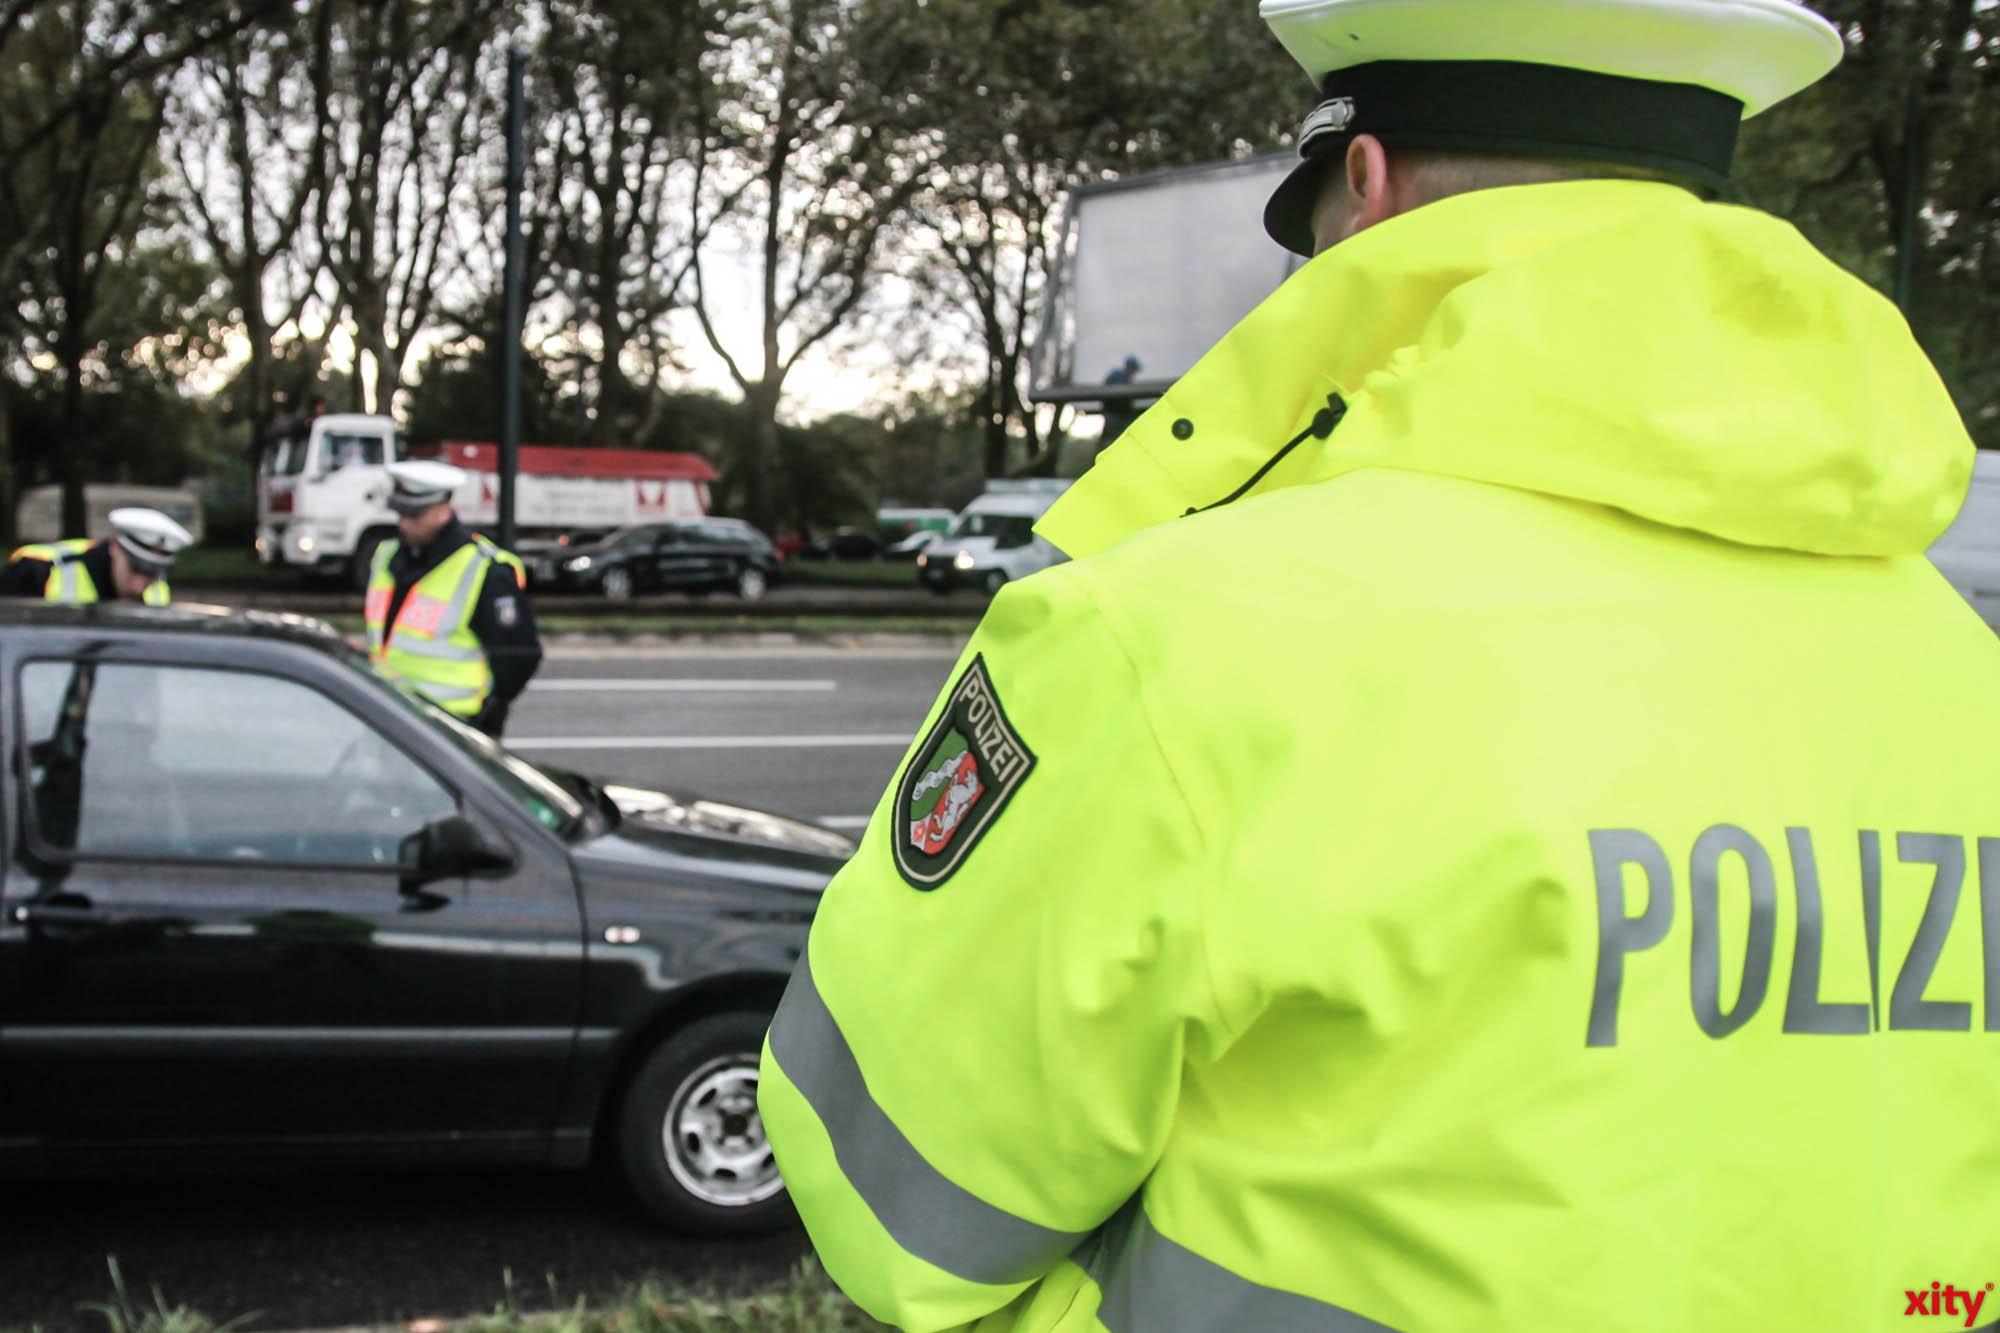 Auf der Flucht vor der Polizei (Foto: xity)